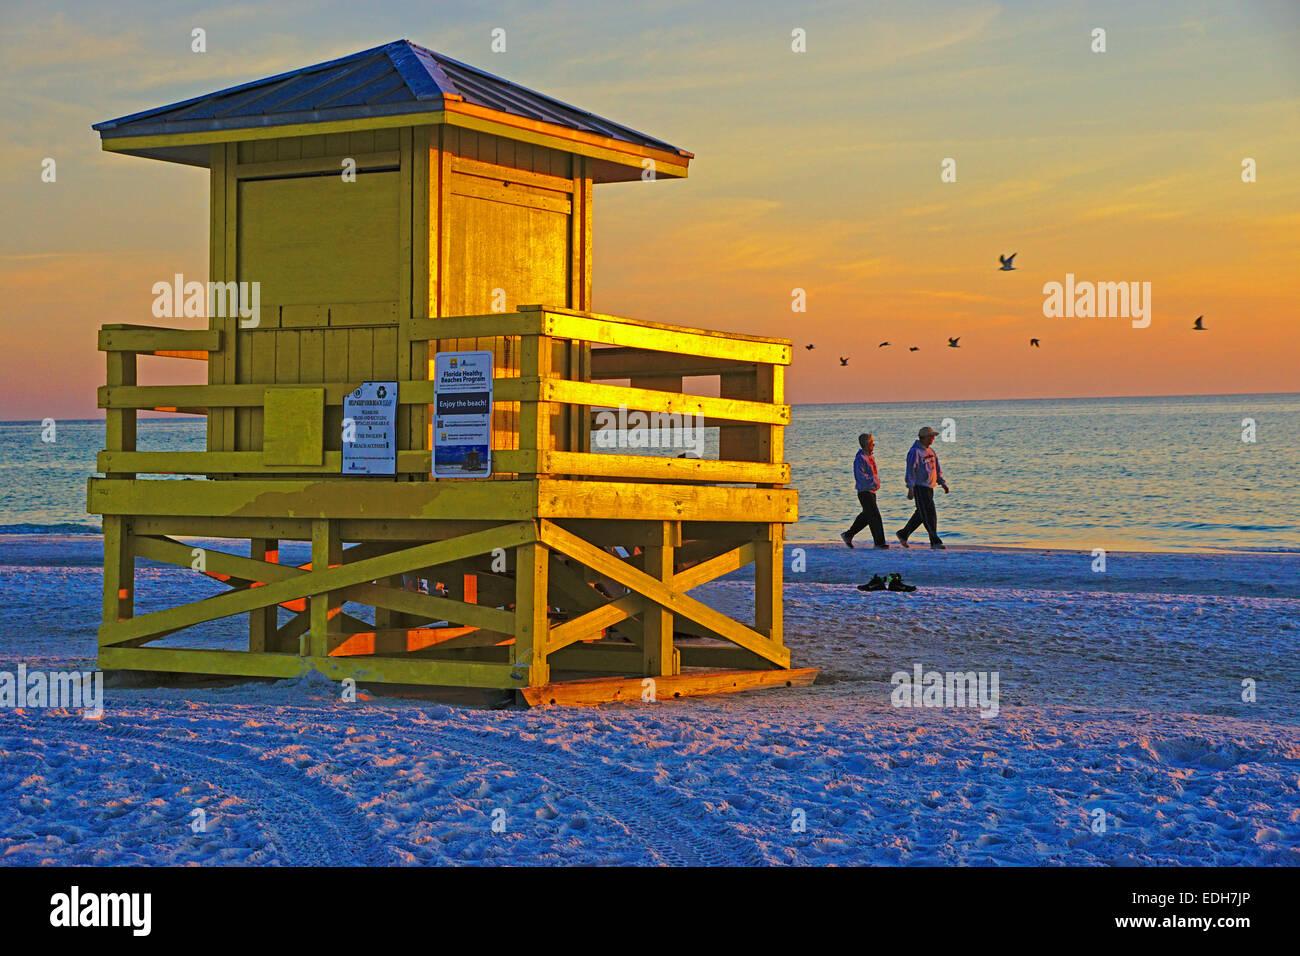 Siesta Key Beach lifeguard tower at sunset in Sarasota, Florida. - Stock Image